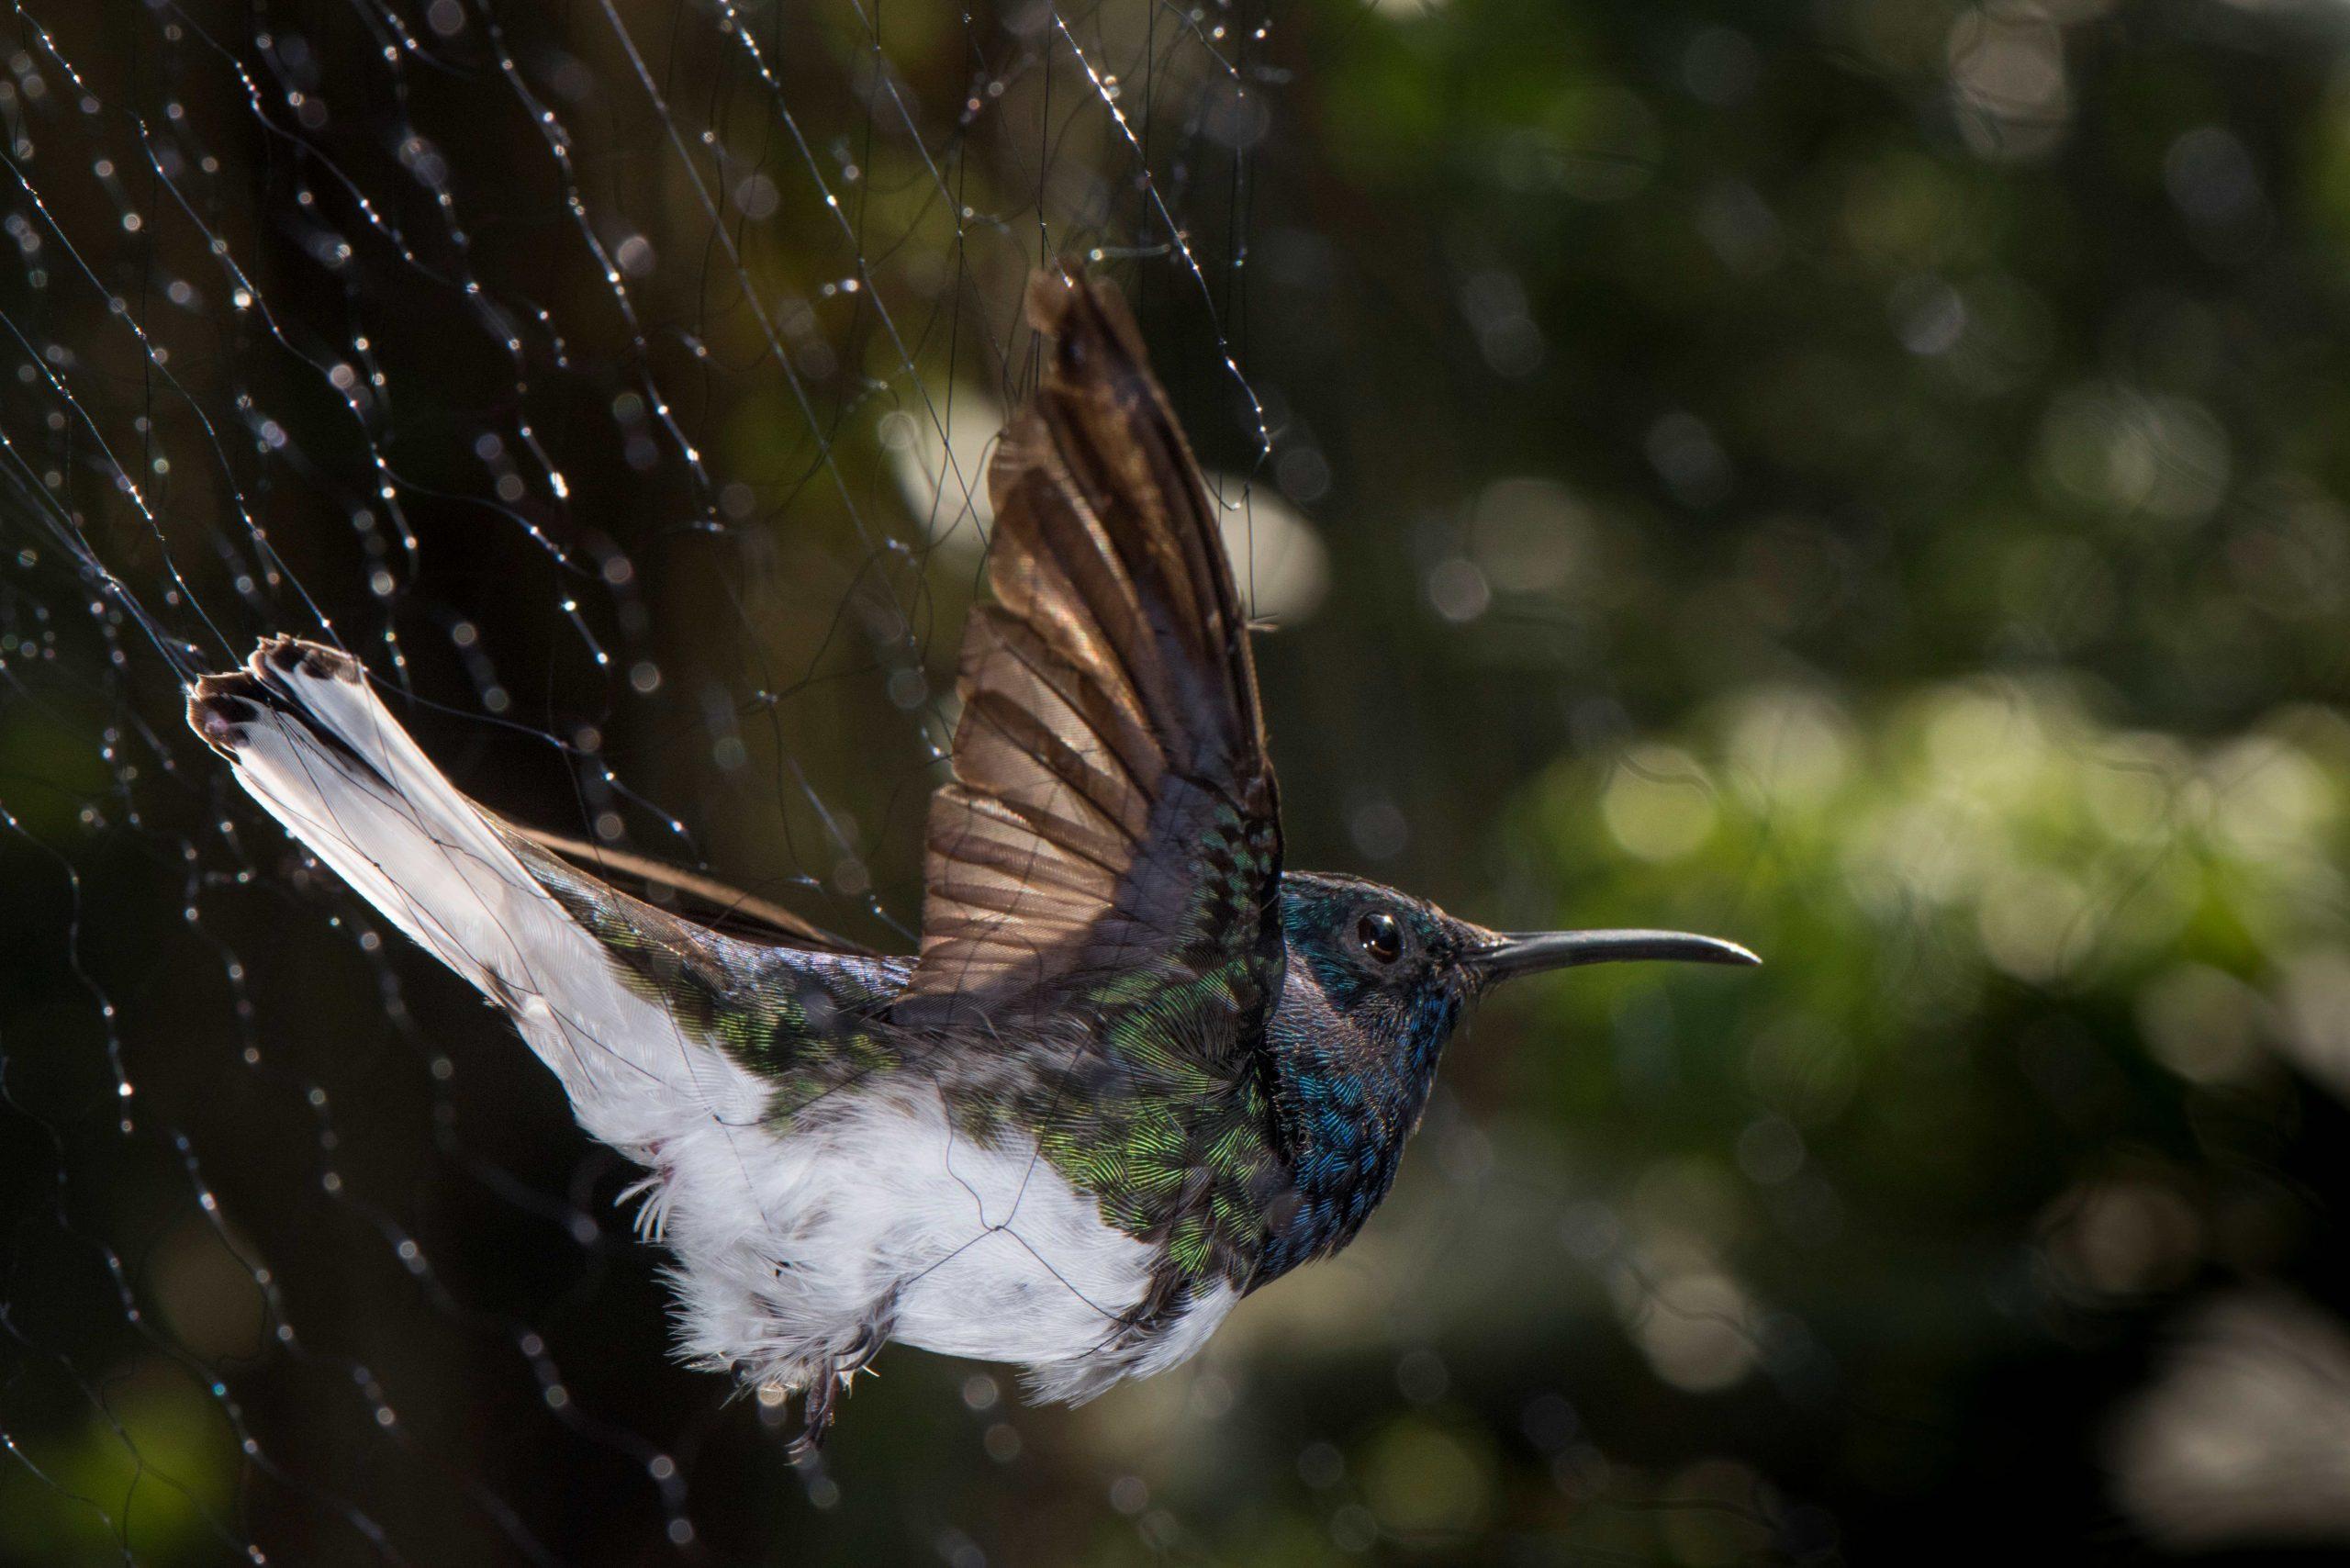 Las hembras de colibríes parecen machos para evitar el acoso - Prensa Libre